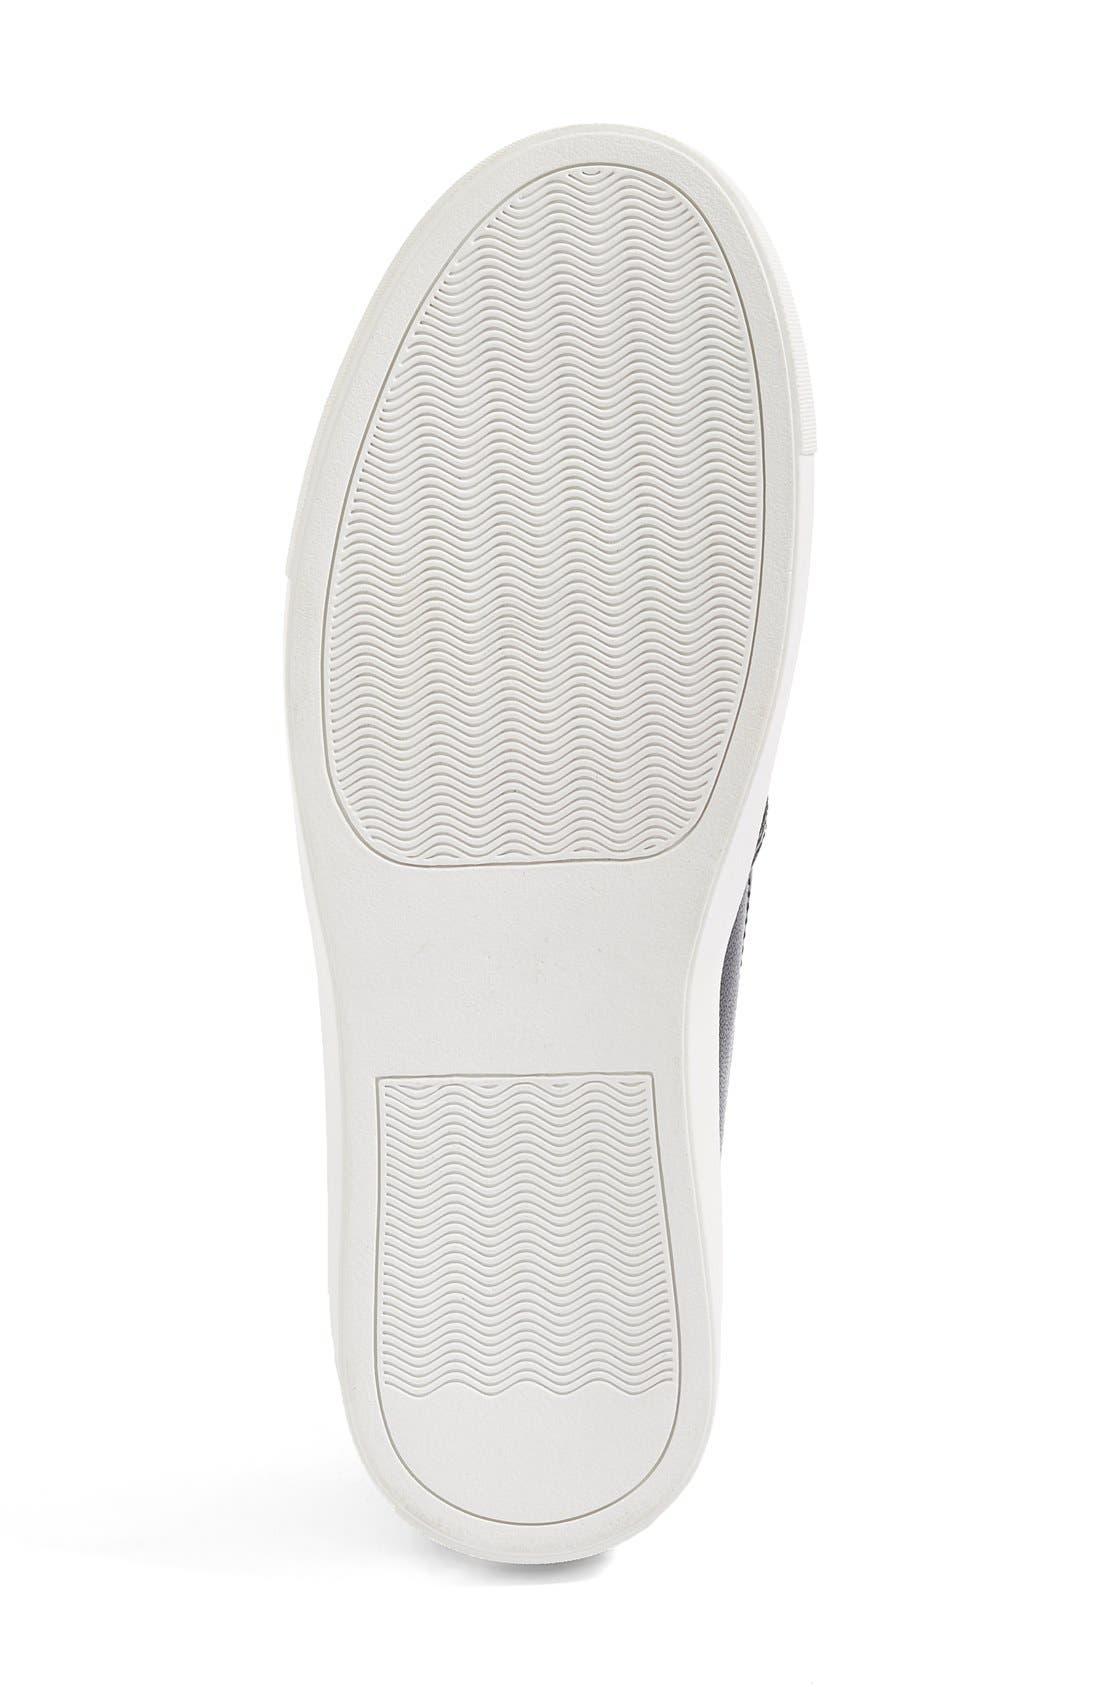 Eden Perforated Slip-On Sneaker,                             Alternate thumbnail 21, color,